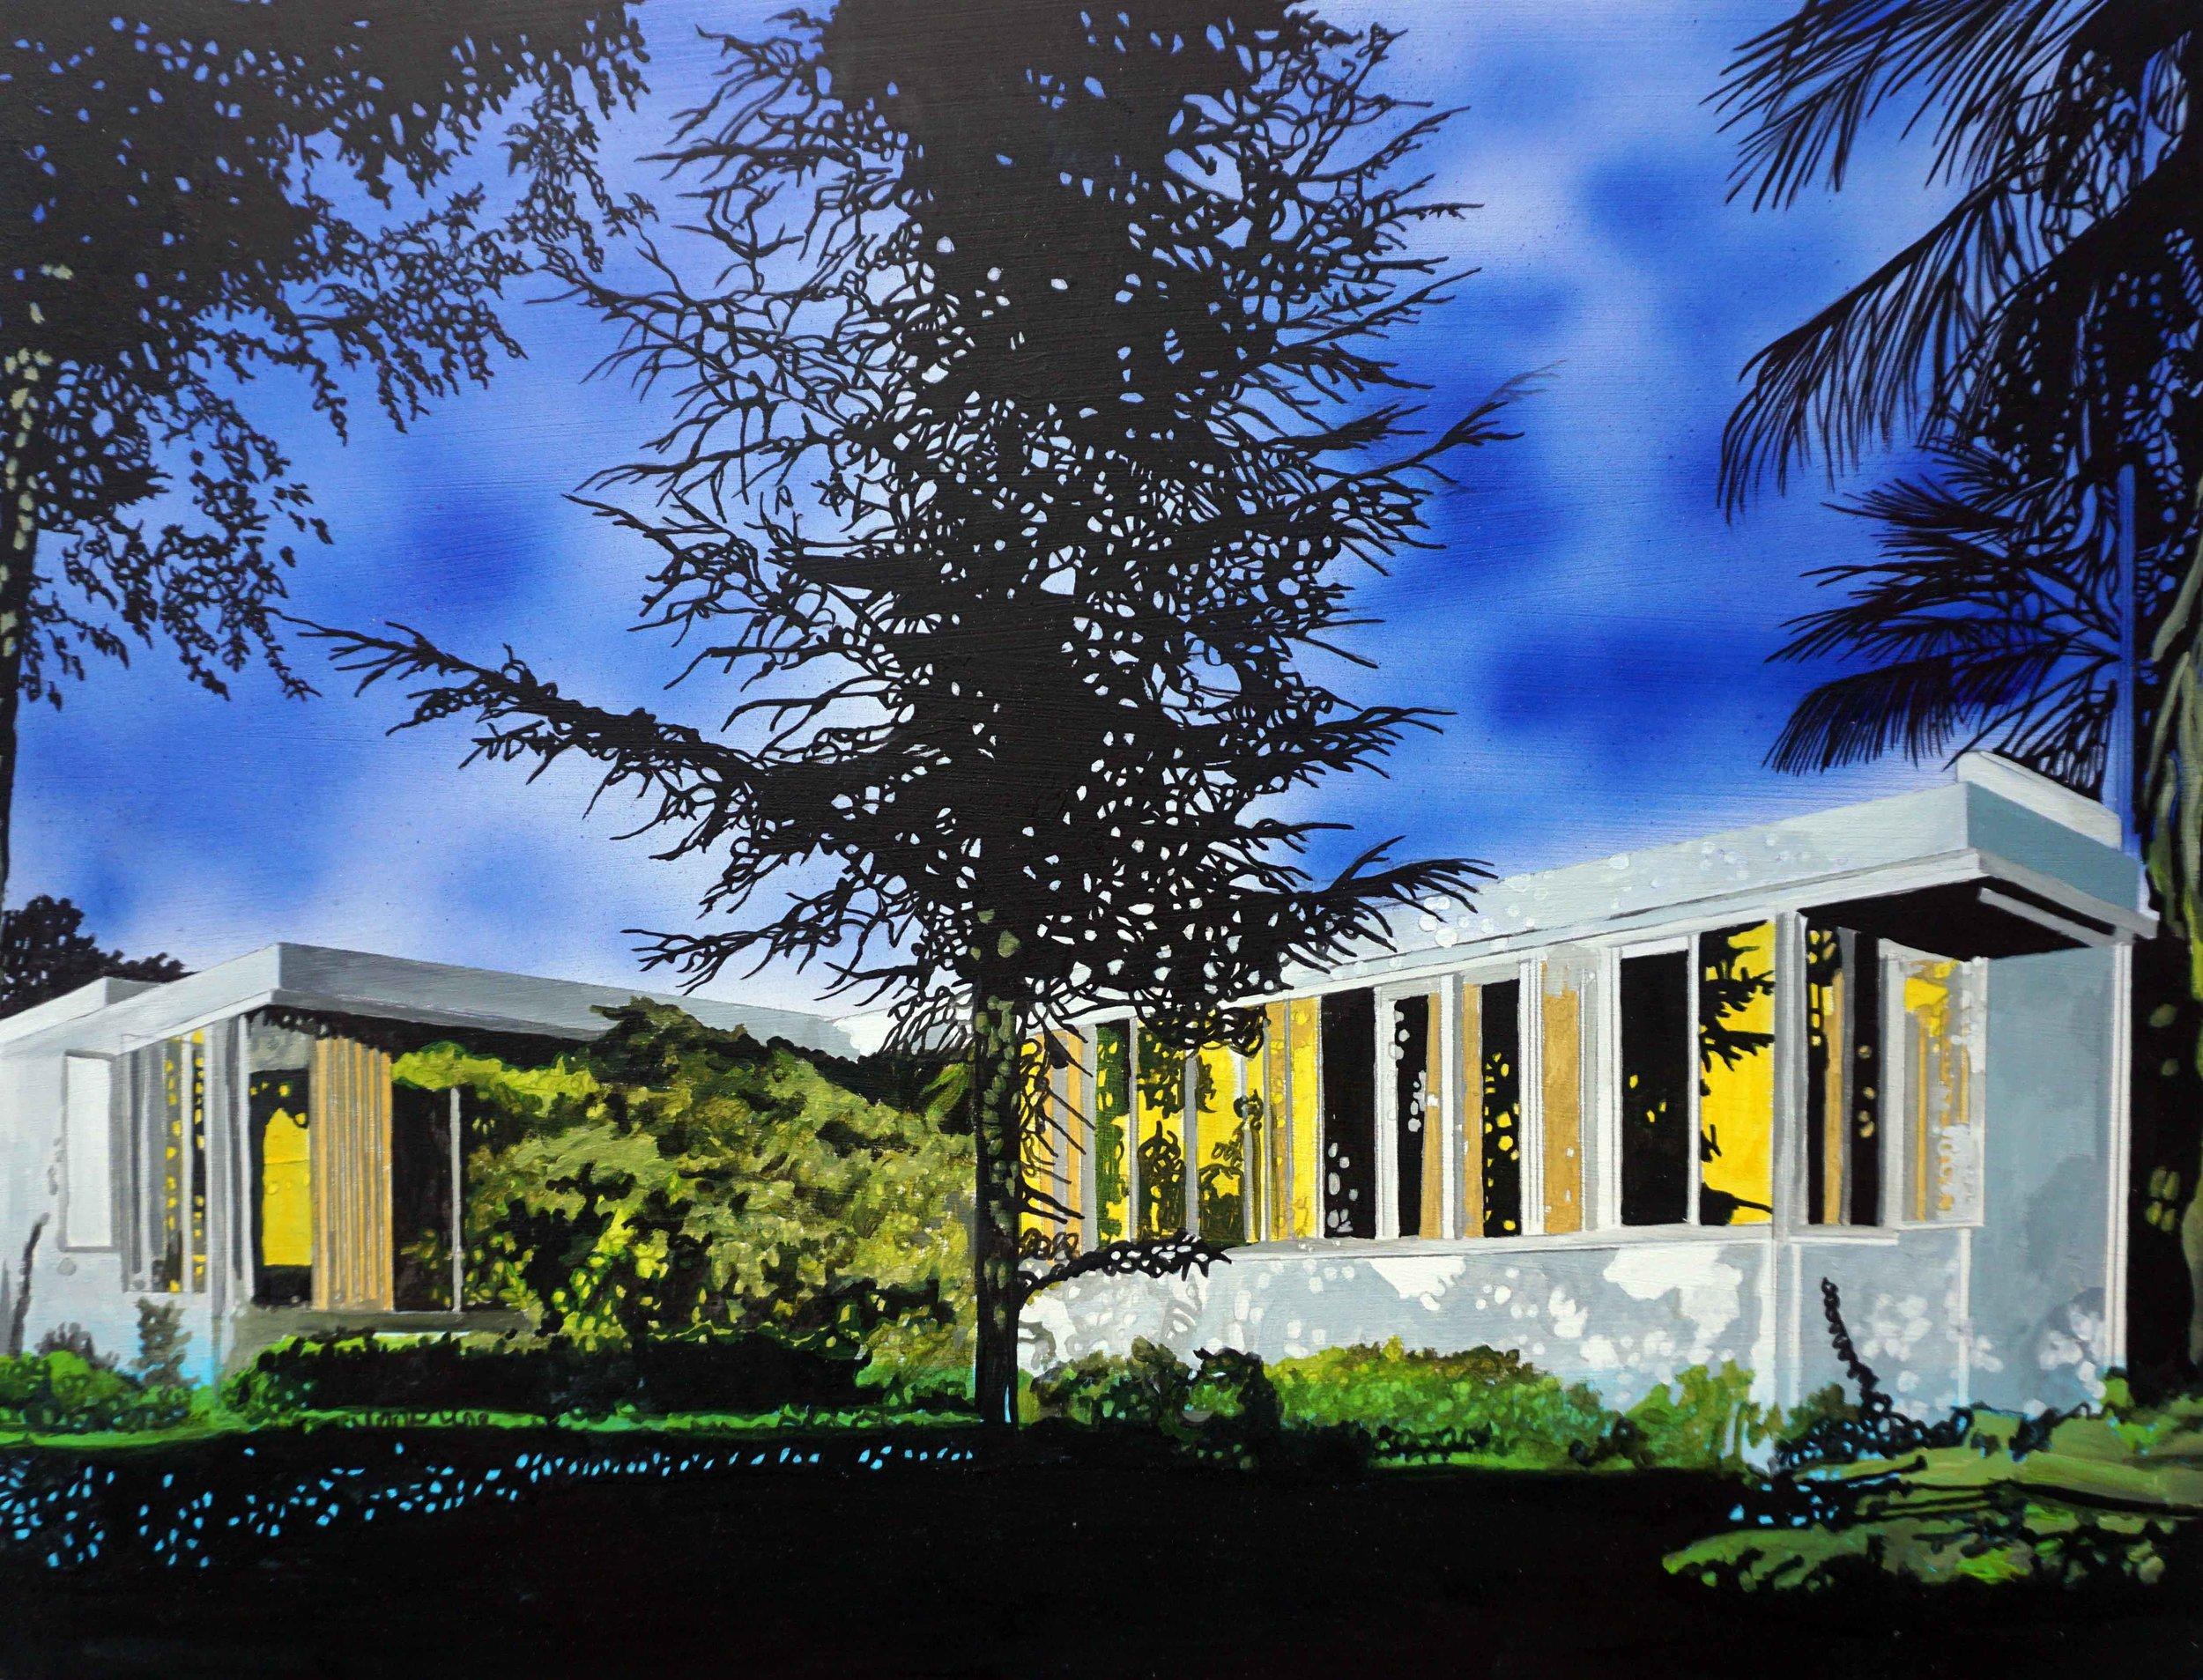 O'Kane_Neutra Richter House_11.75 x 15.75 in.jpg